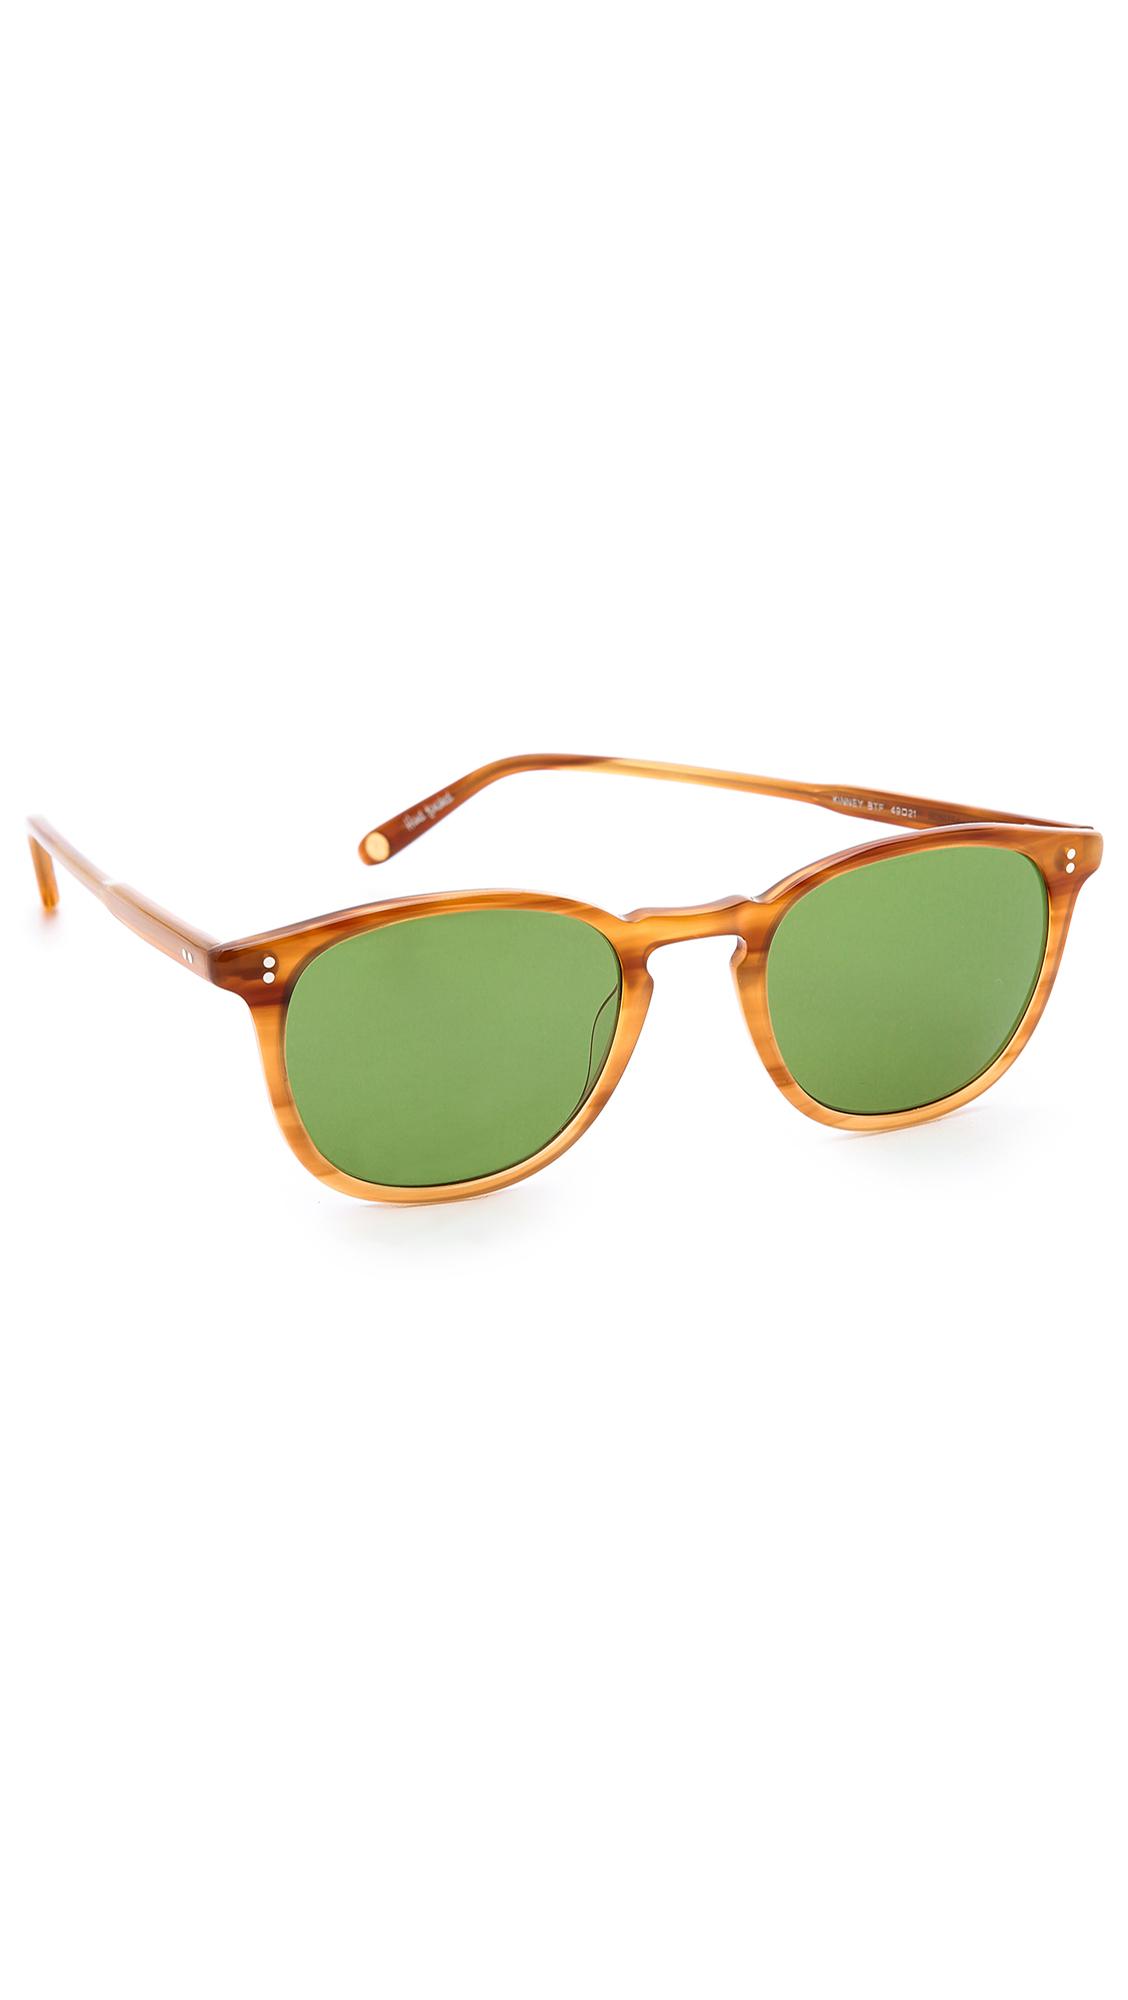 GARRETT LEIGHT Kinney Sunglasses - Blonde Tortoise Fade/Green